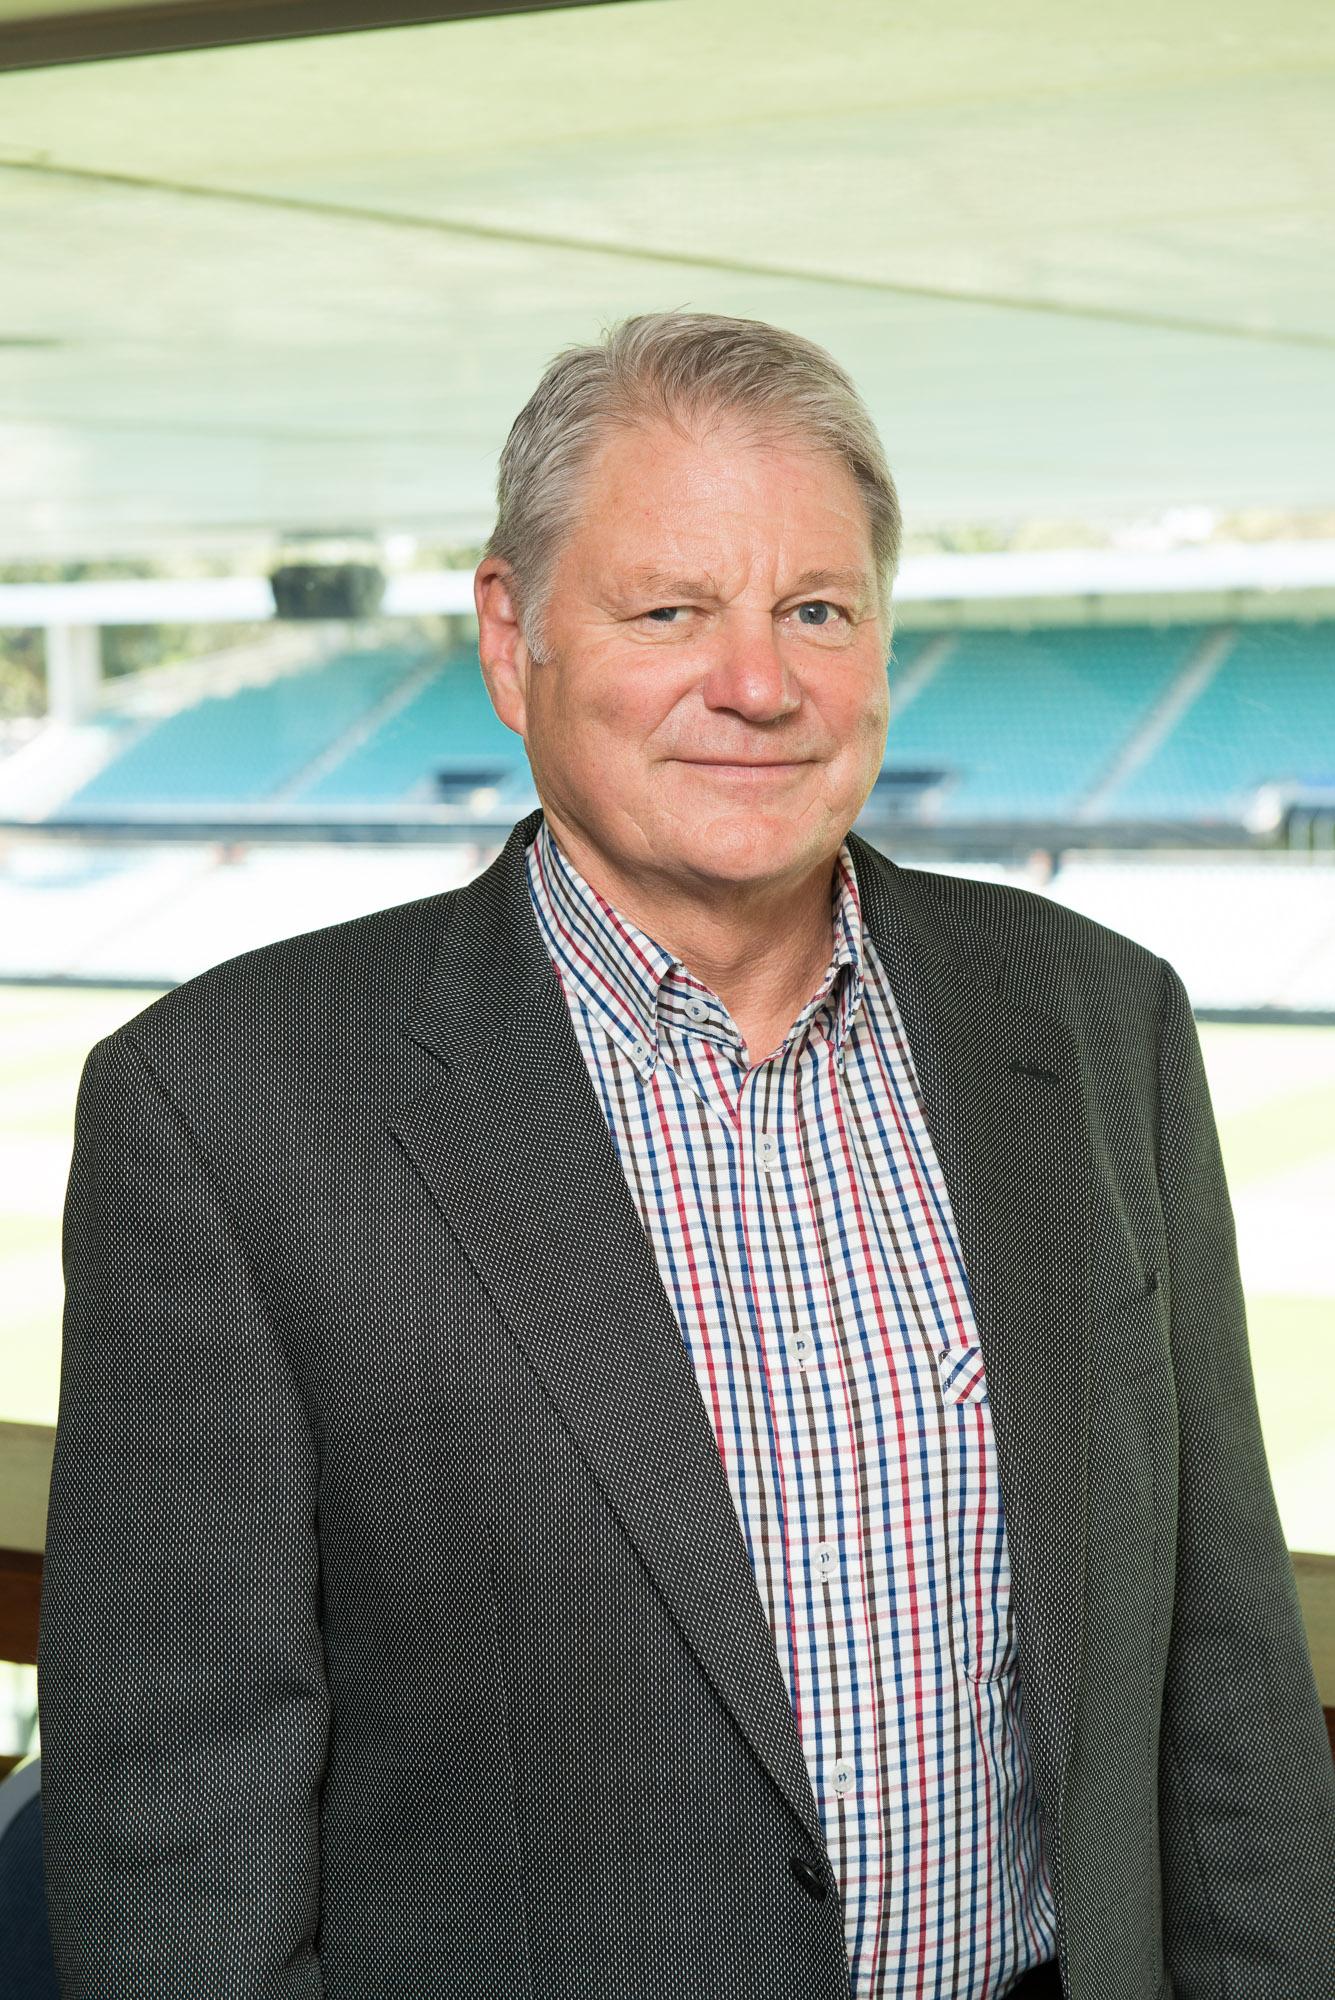 Glenn Turner